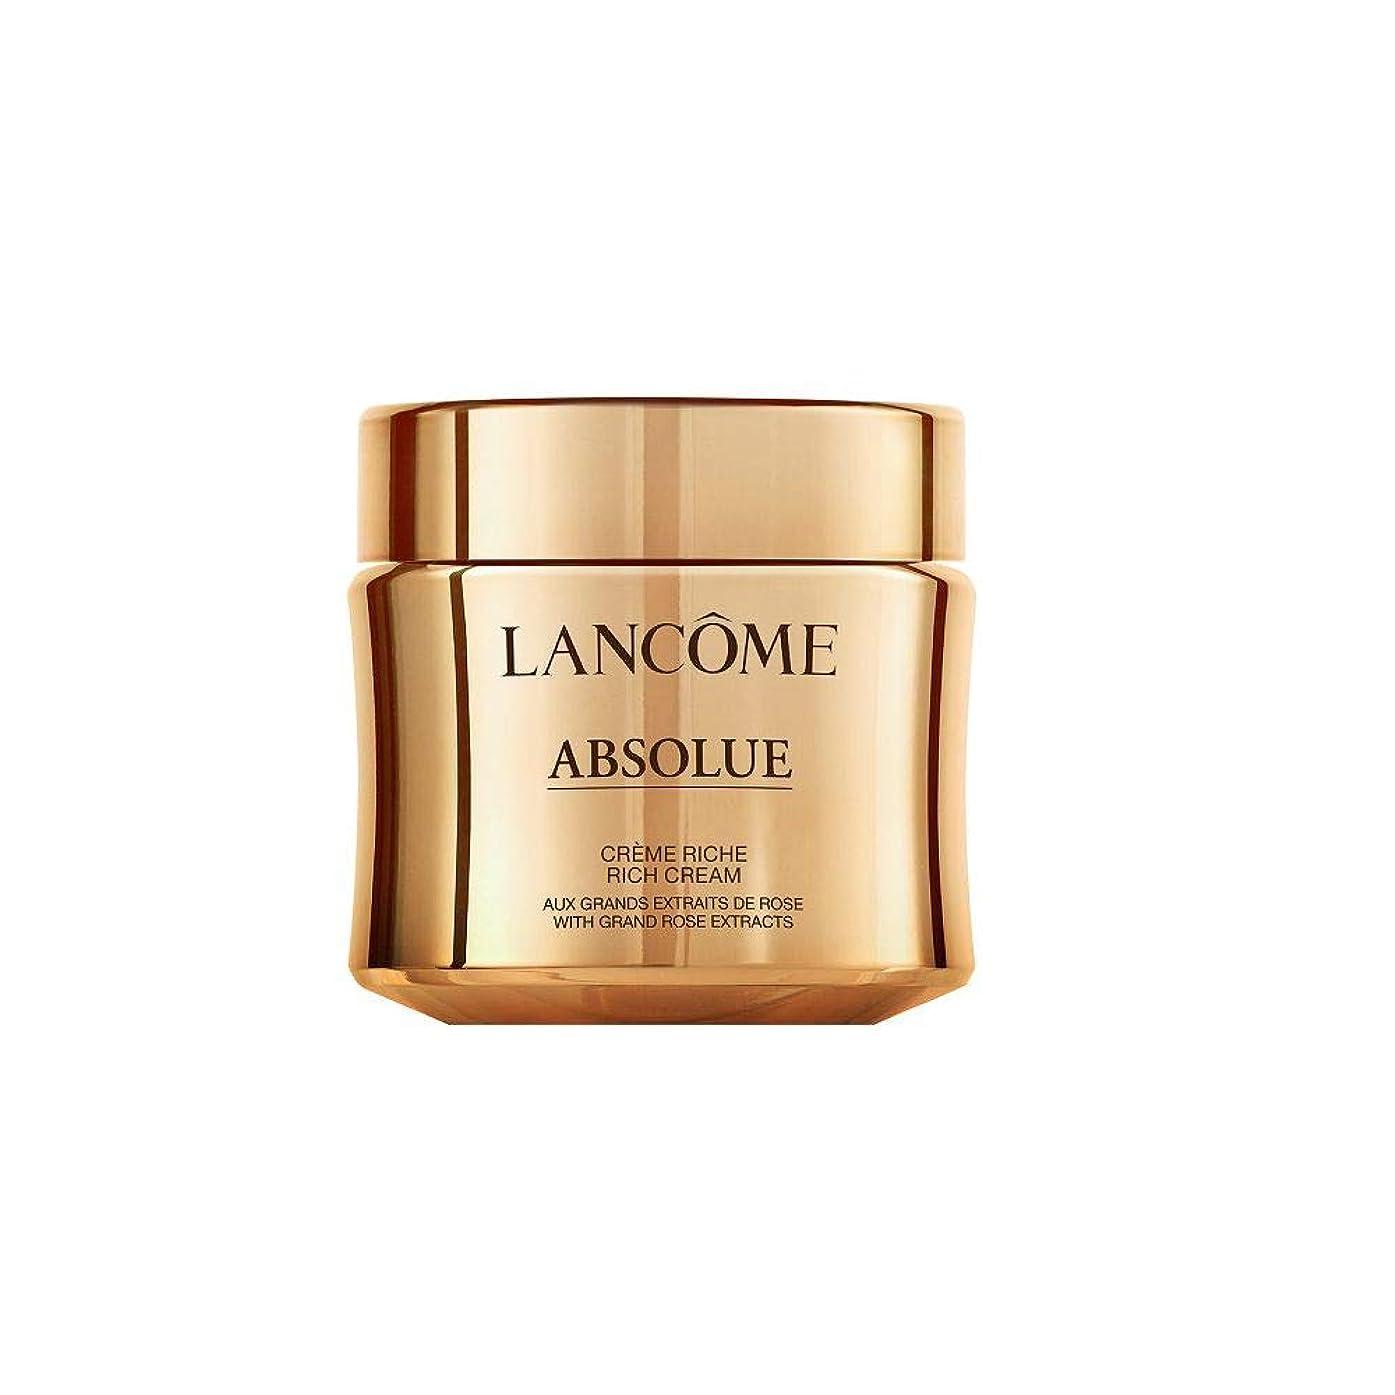 化合物スタンド国民投票Lancome Absolue Rich Cream ランコム アプソリュ リッチクリーム 60ml